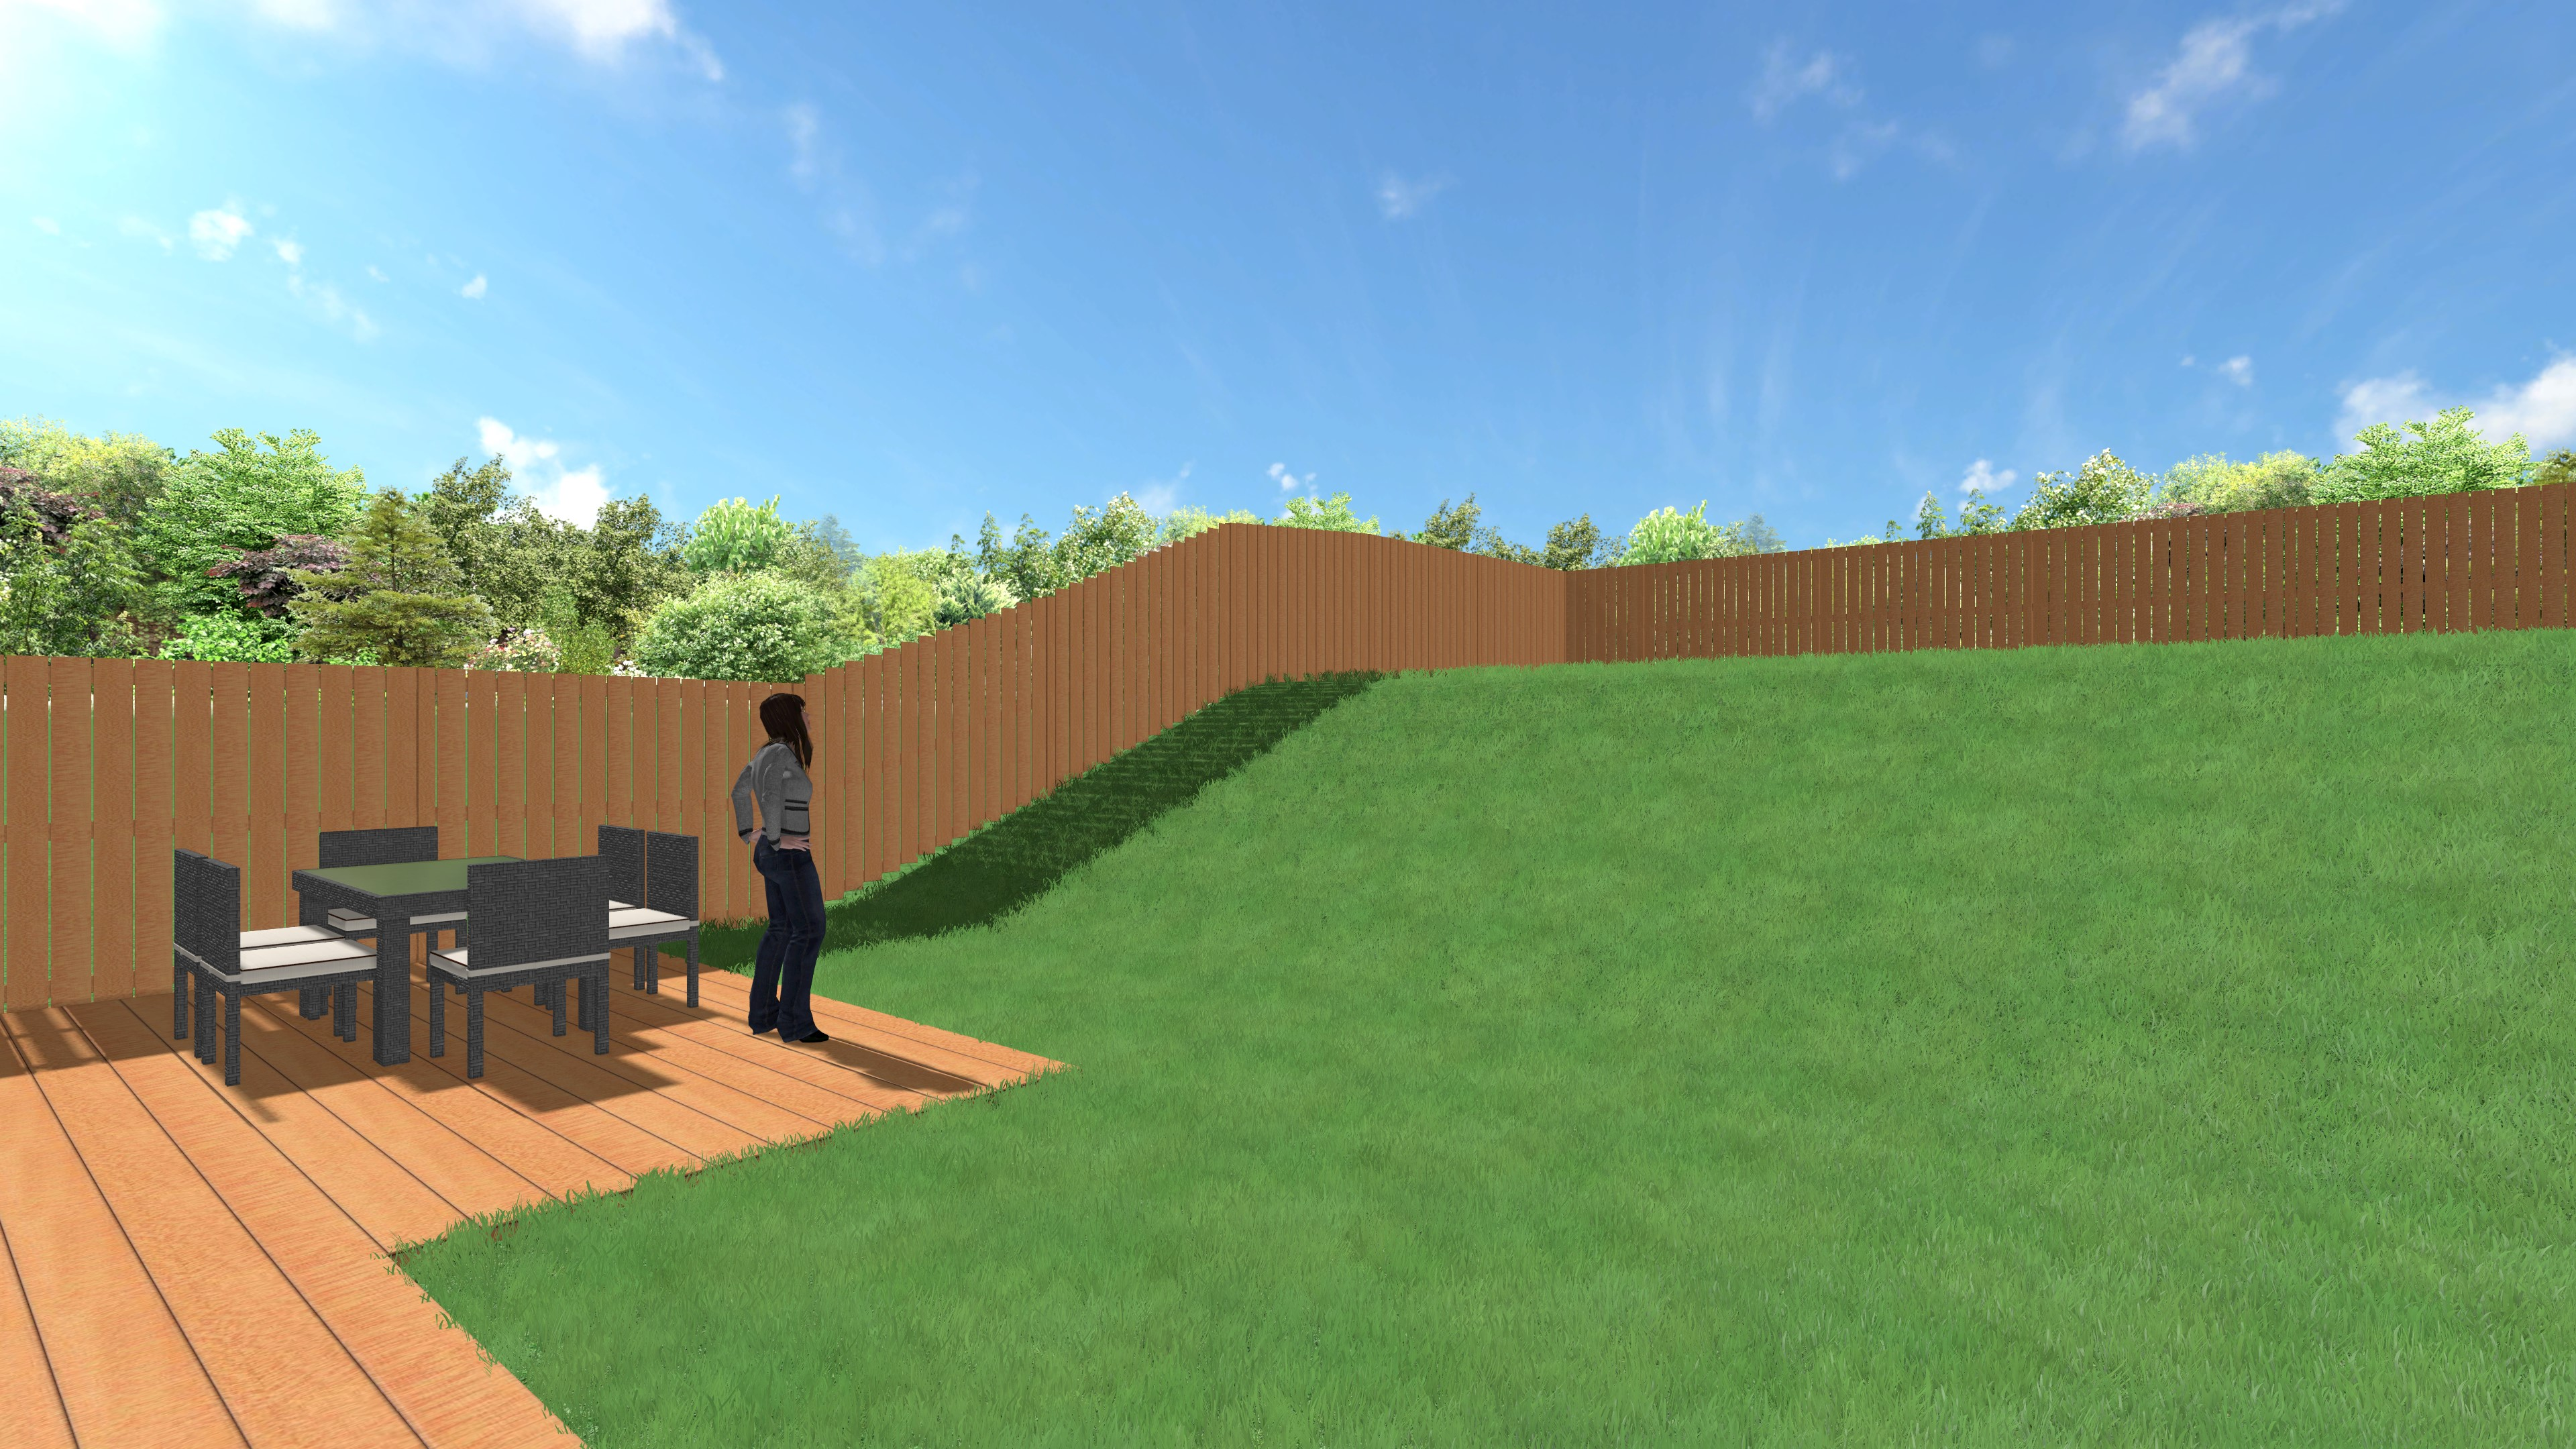 Mettre Piscine Sur Terrain En Pente aménagement d'un jardin en pente : les 2 grands principes